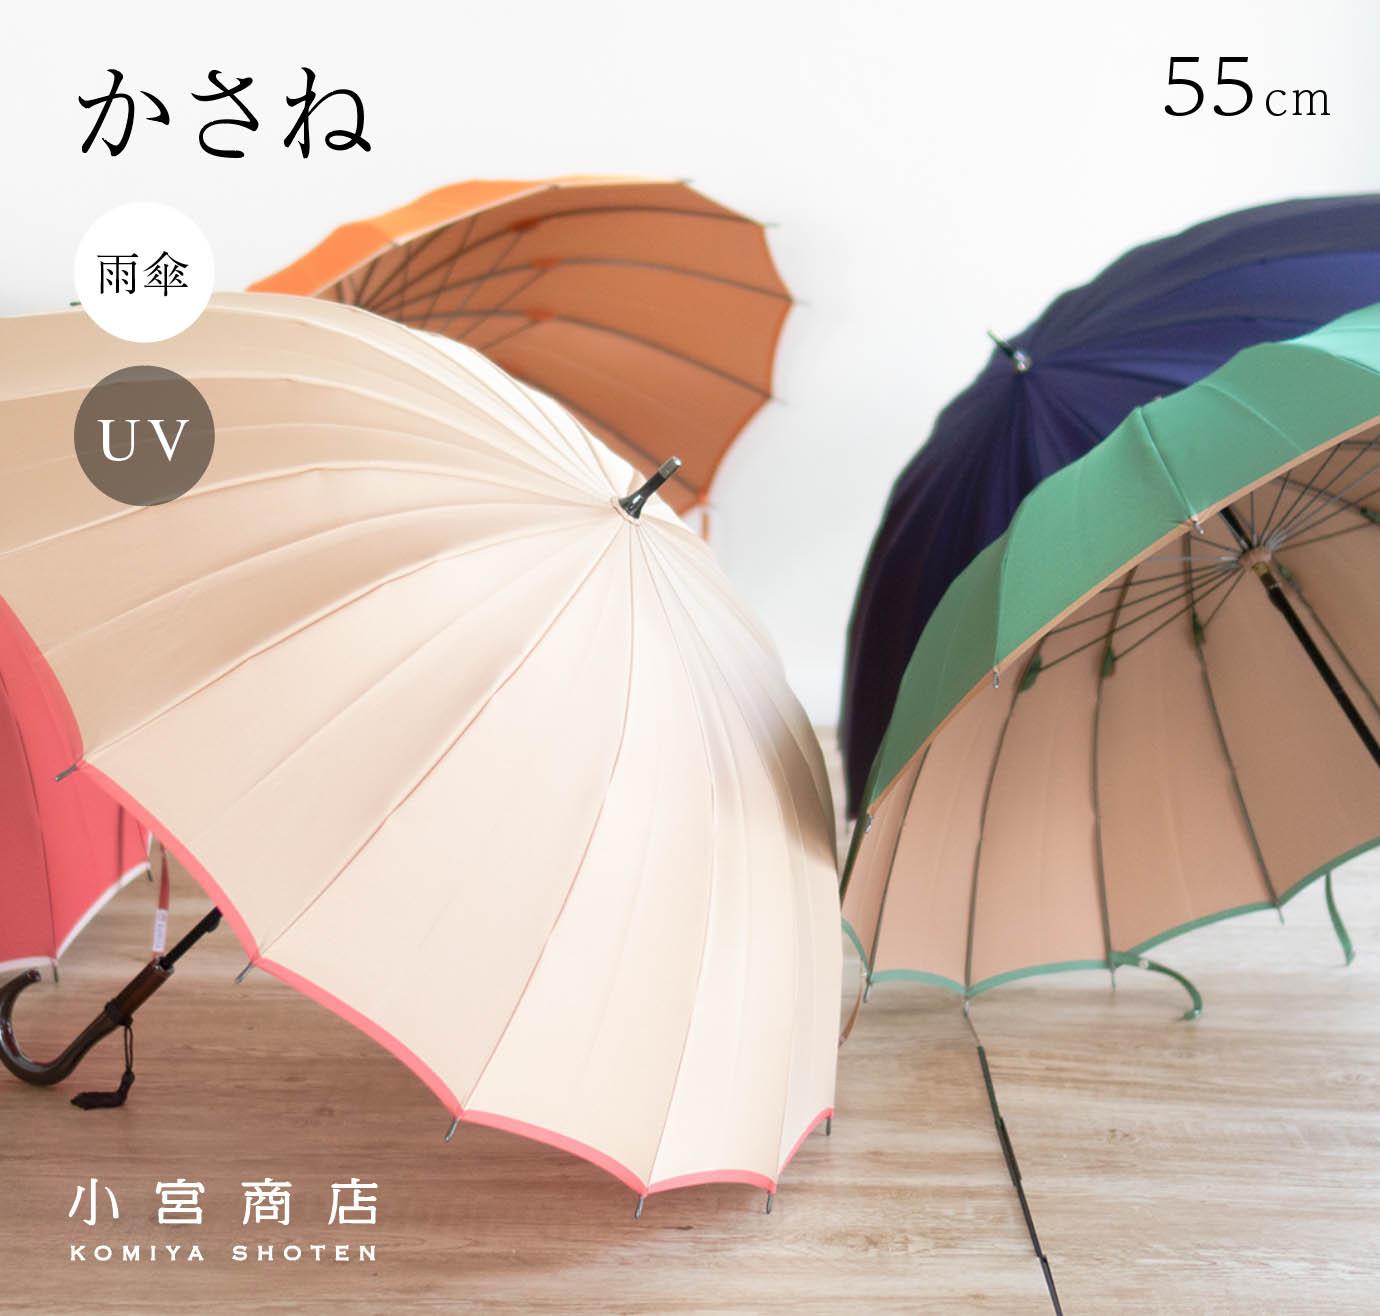 【大人女子向け】軽くて丈夫、おしゃれでかわいい雨傘(レディース)のおすすめランキング